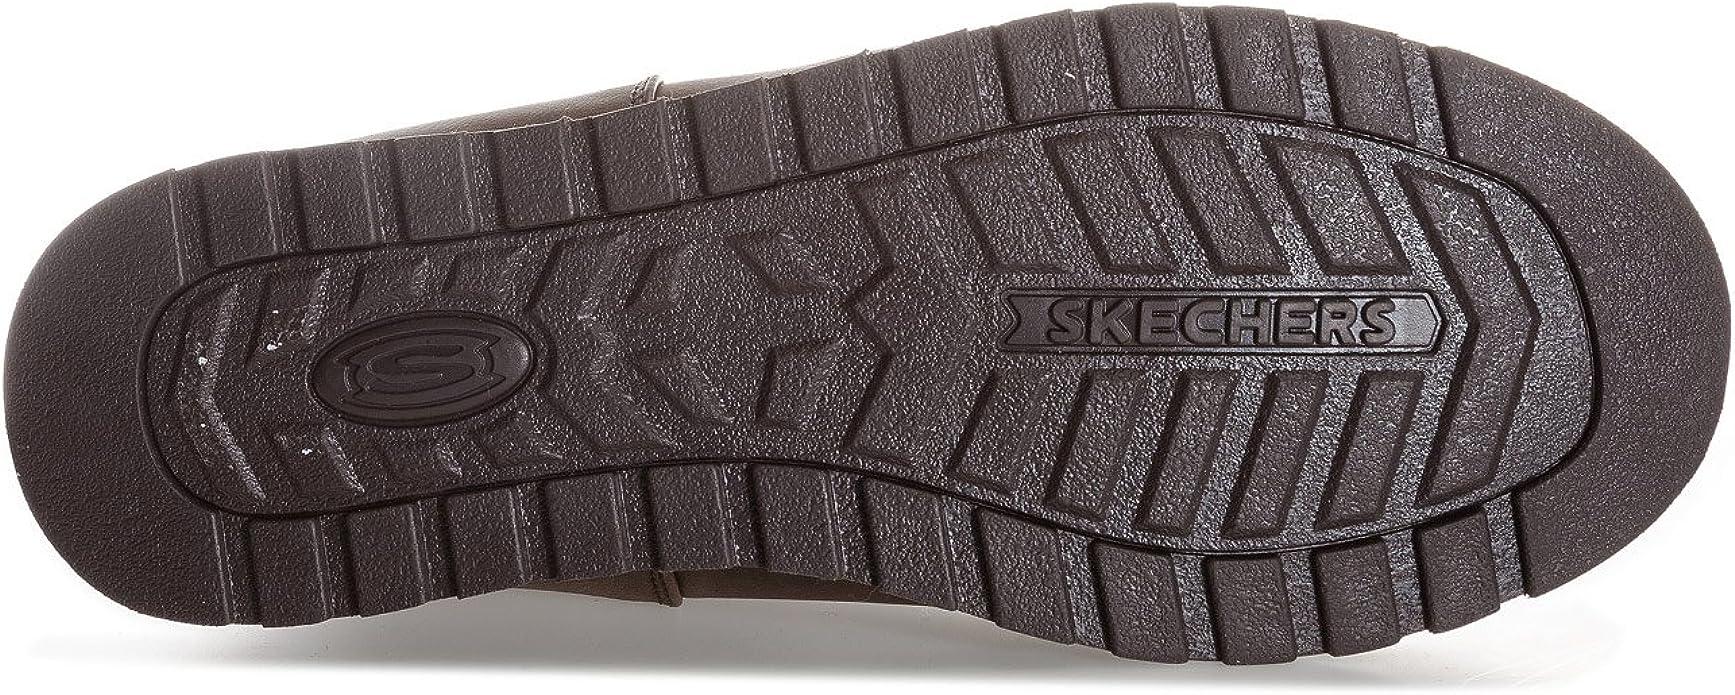 Skechers Keepsakes Leatherette Mid Button, Botte d'hiver